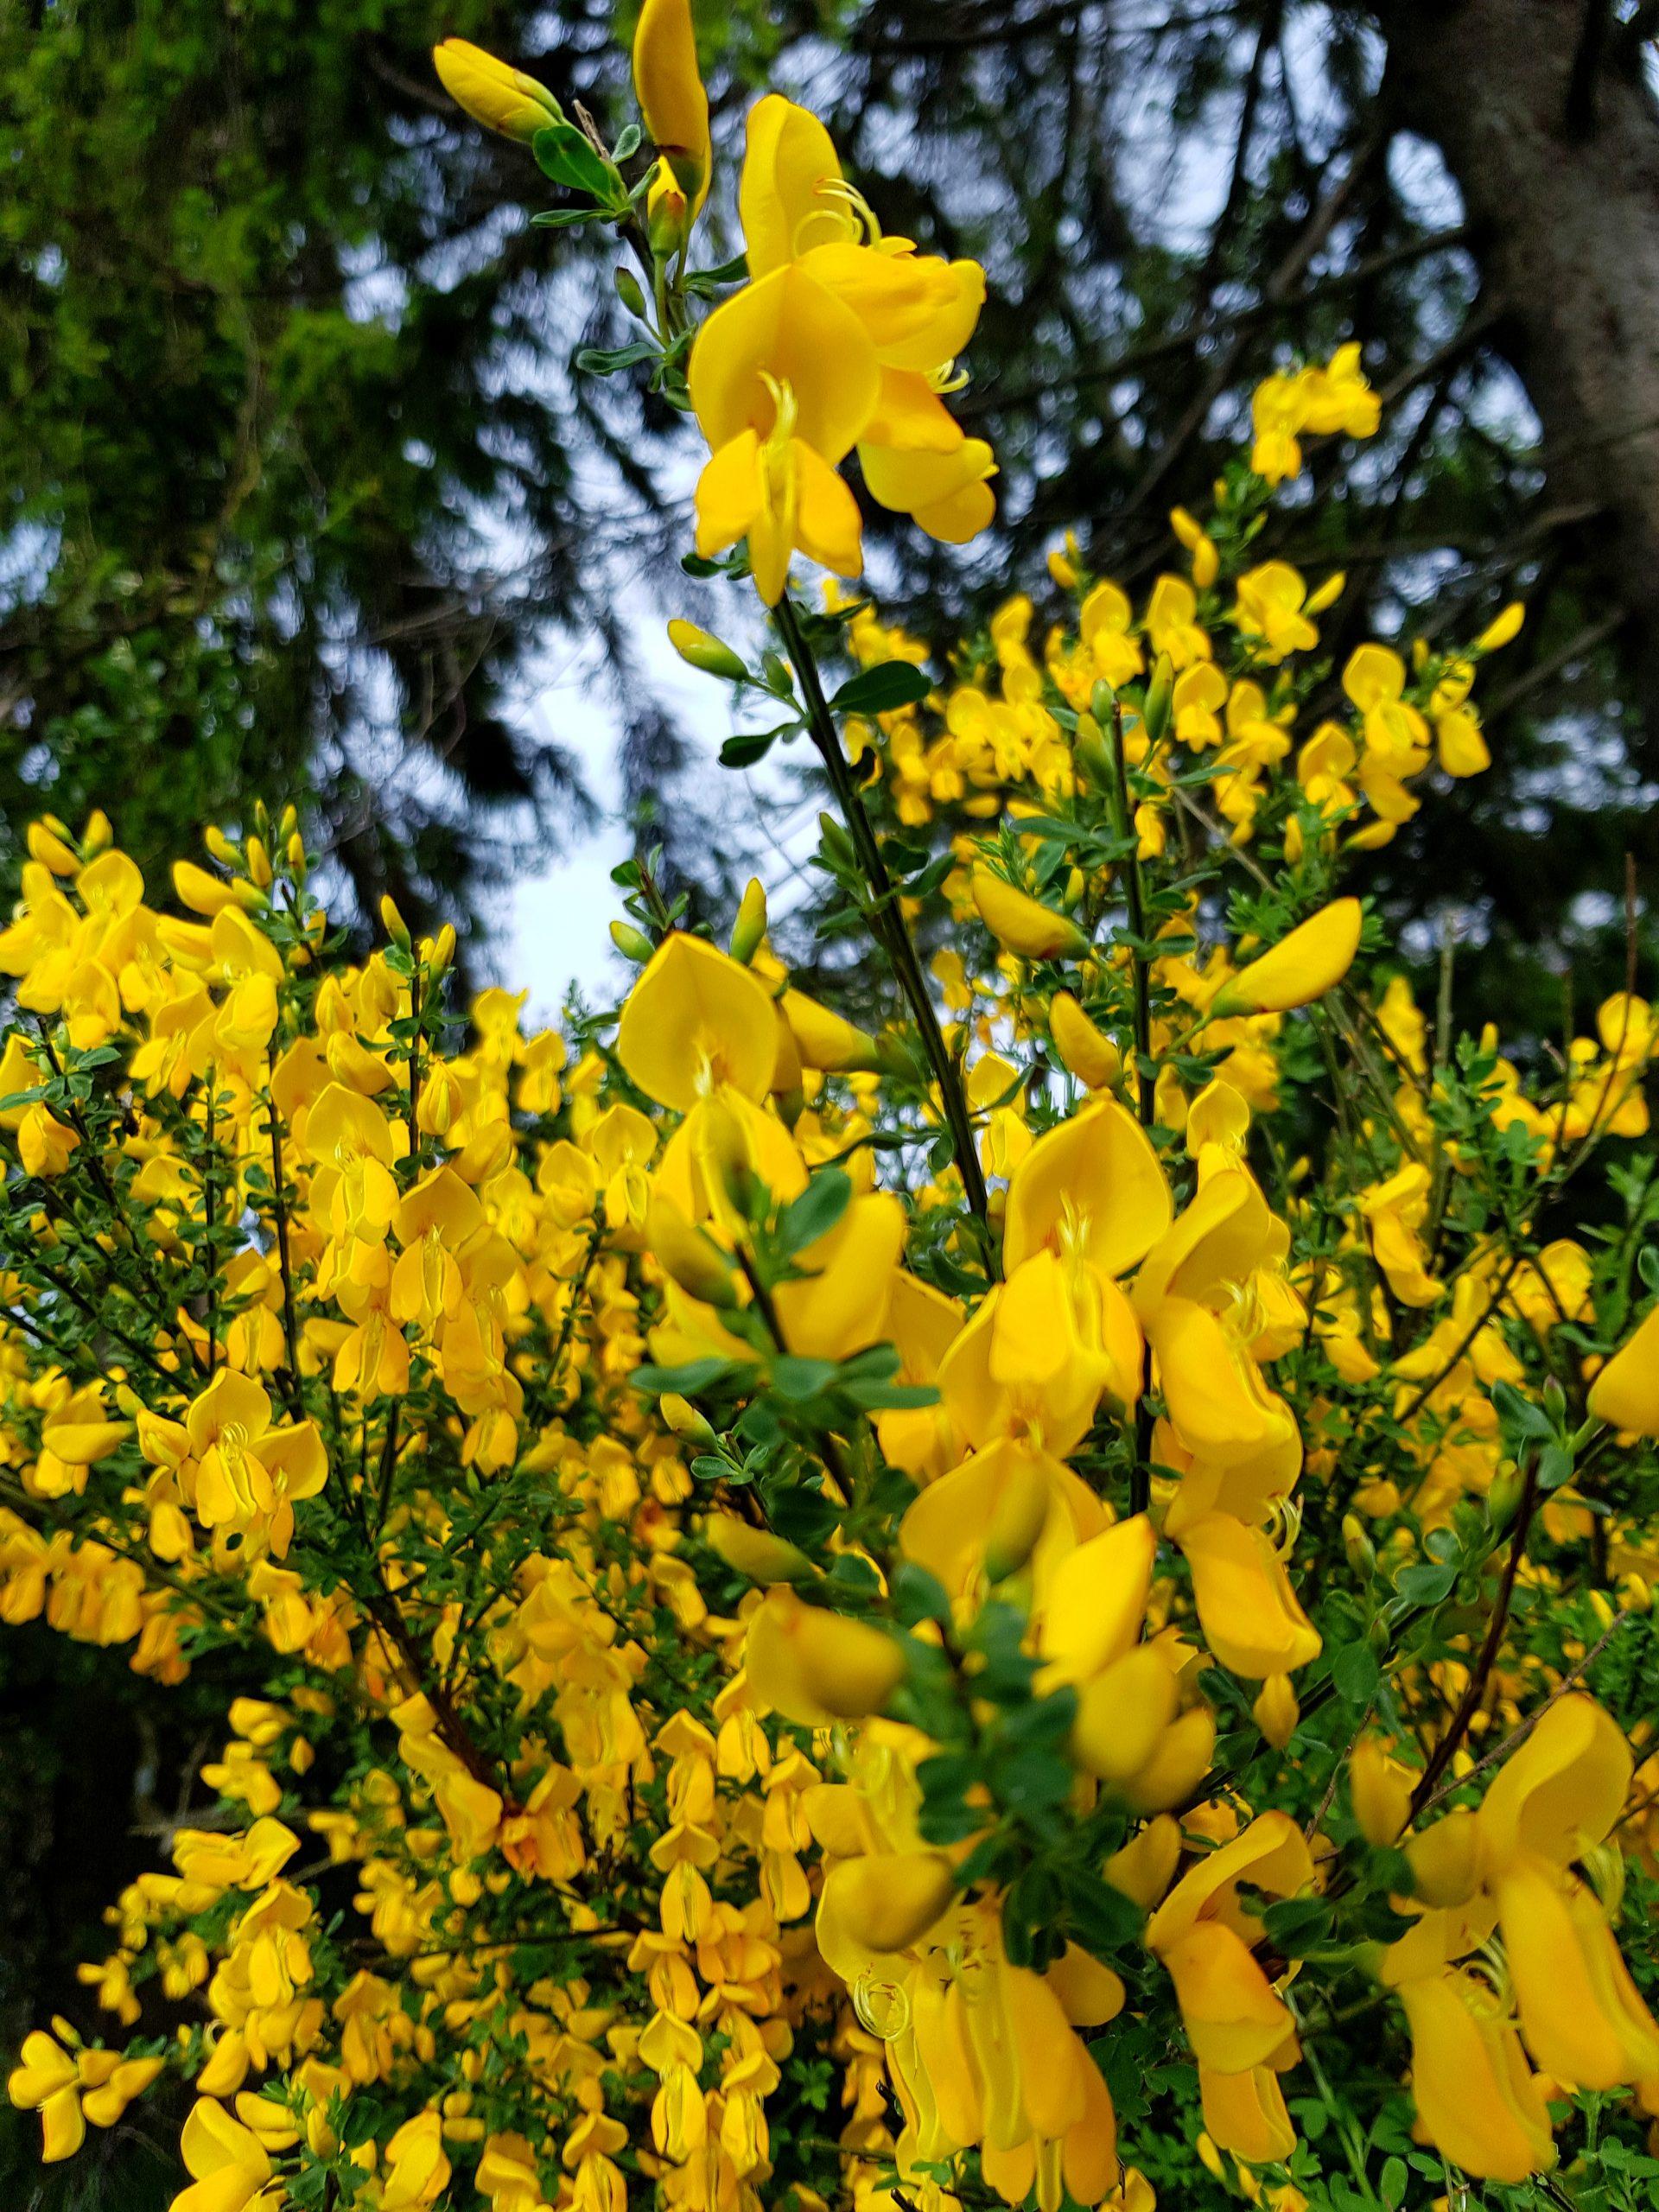 Besenginster - Schönheit in leuchtendem Gelb